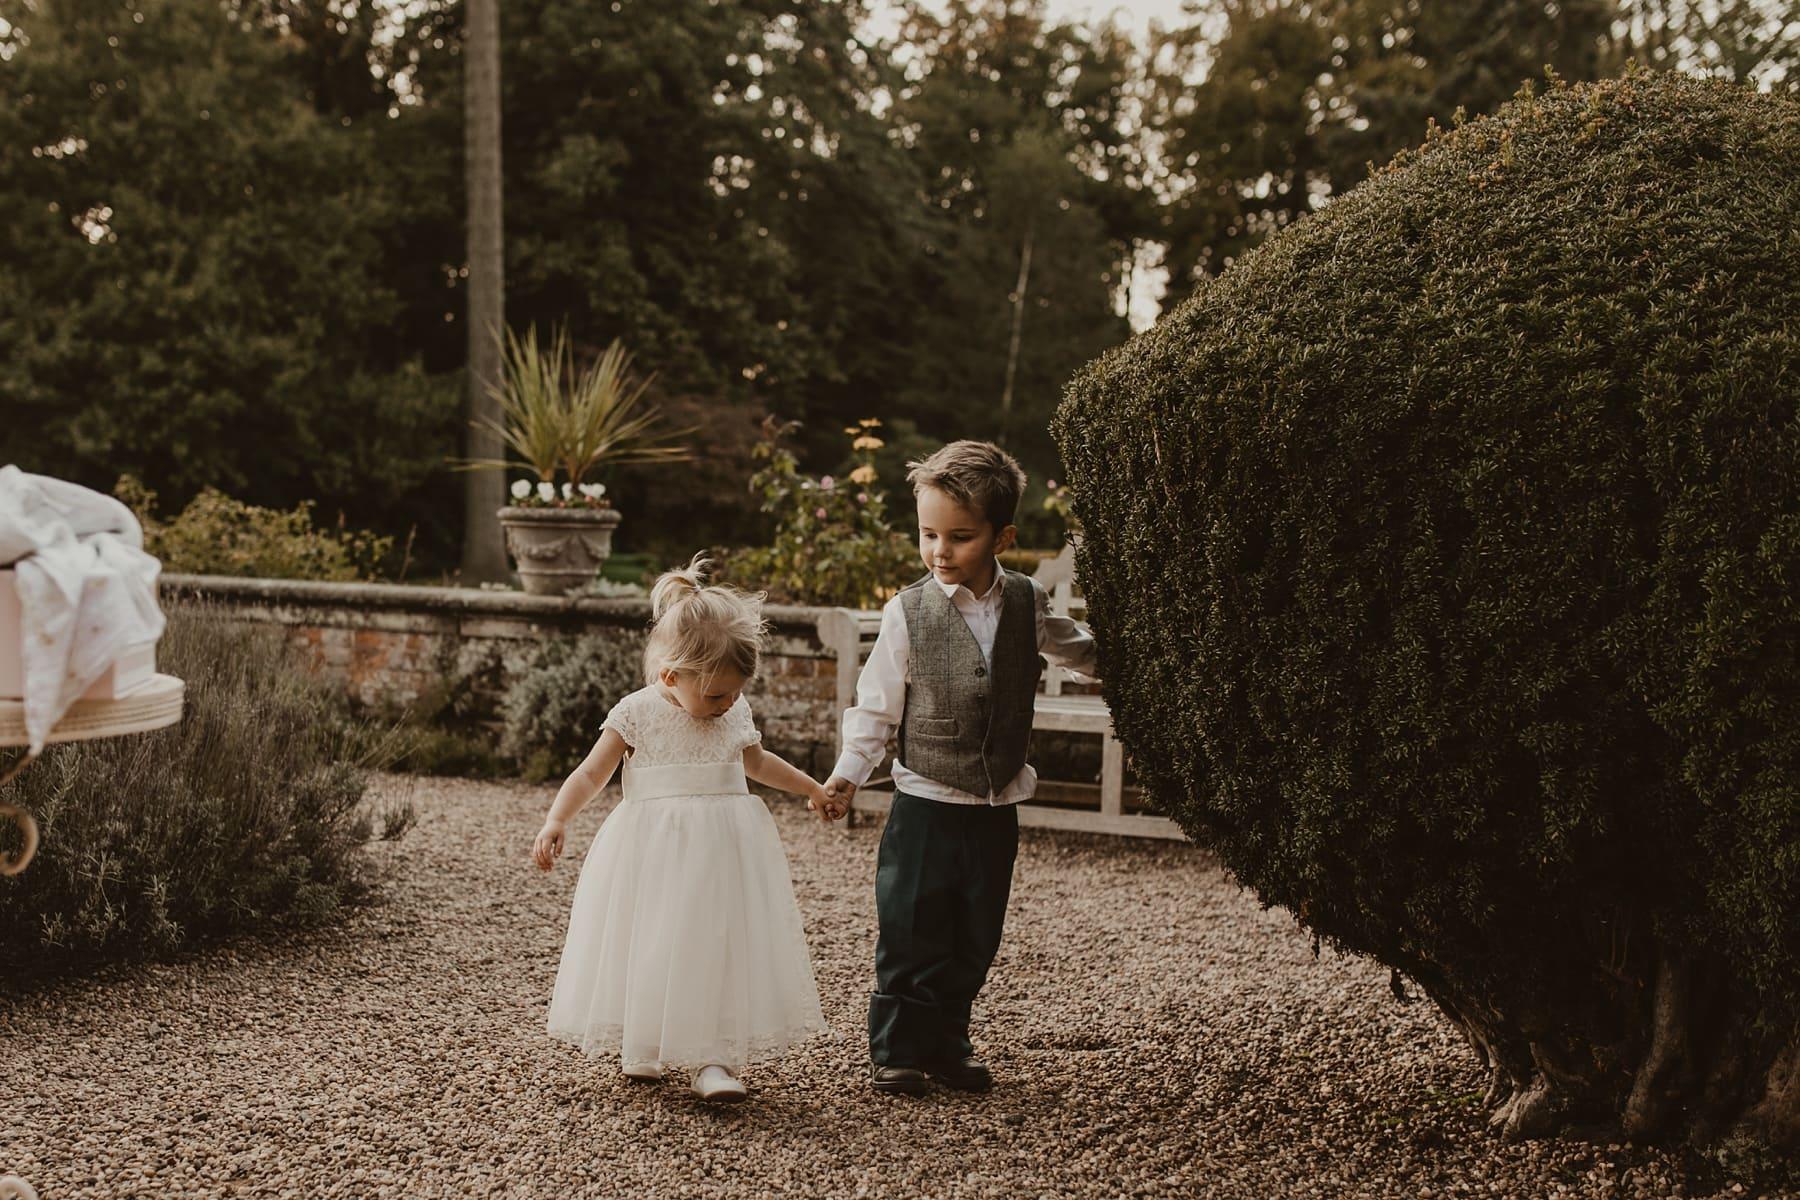 children holding hands walking through gardens